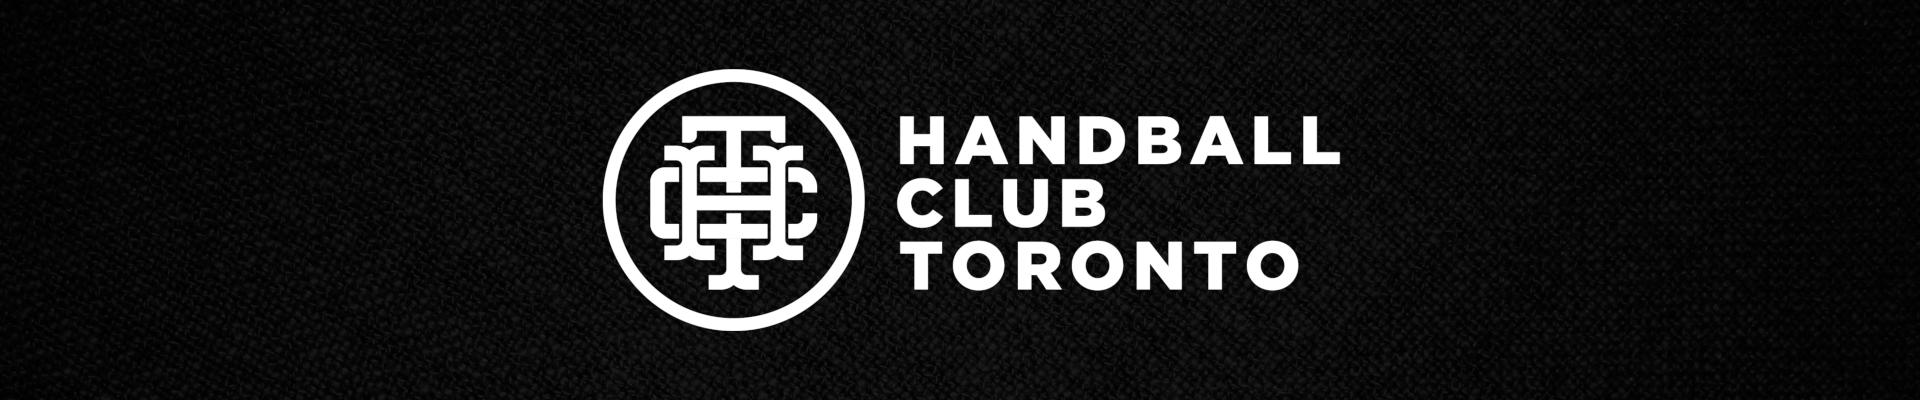 Handball Club Toronto